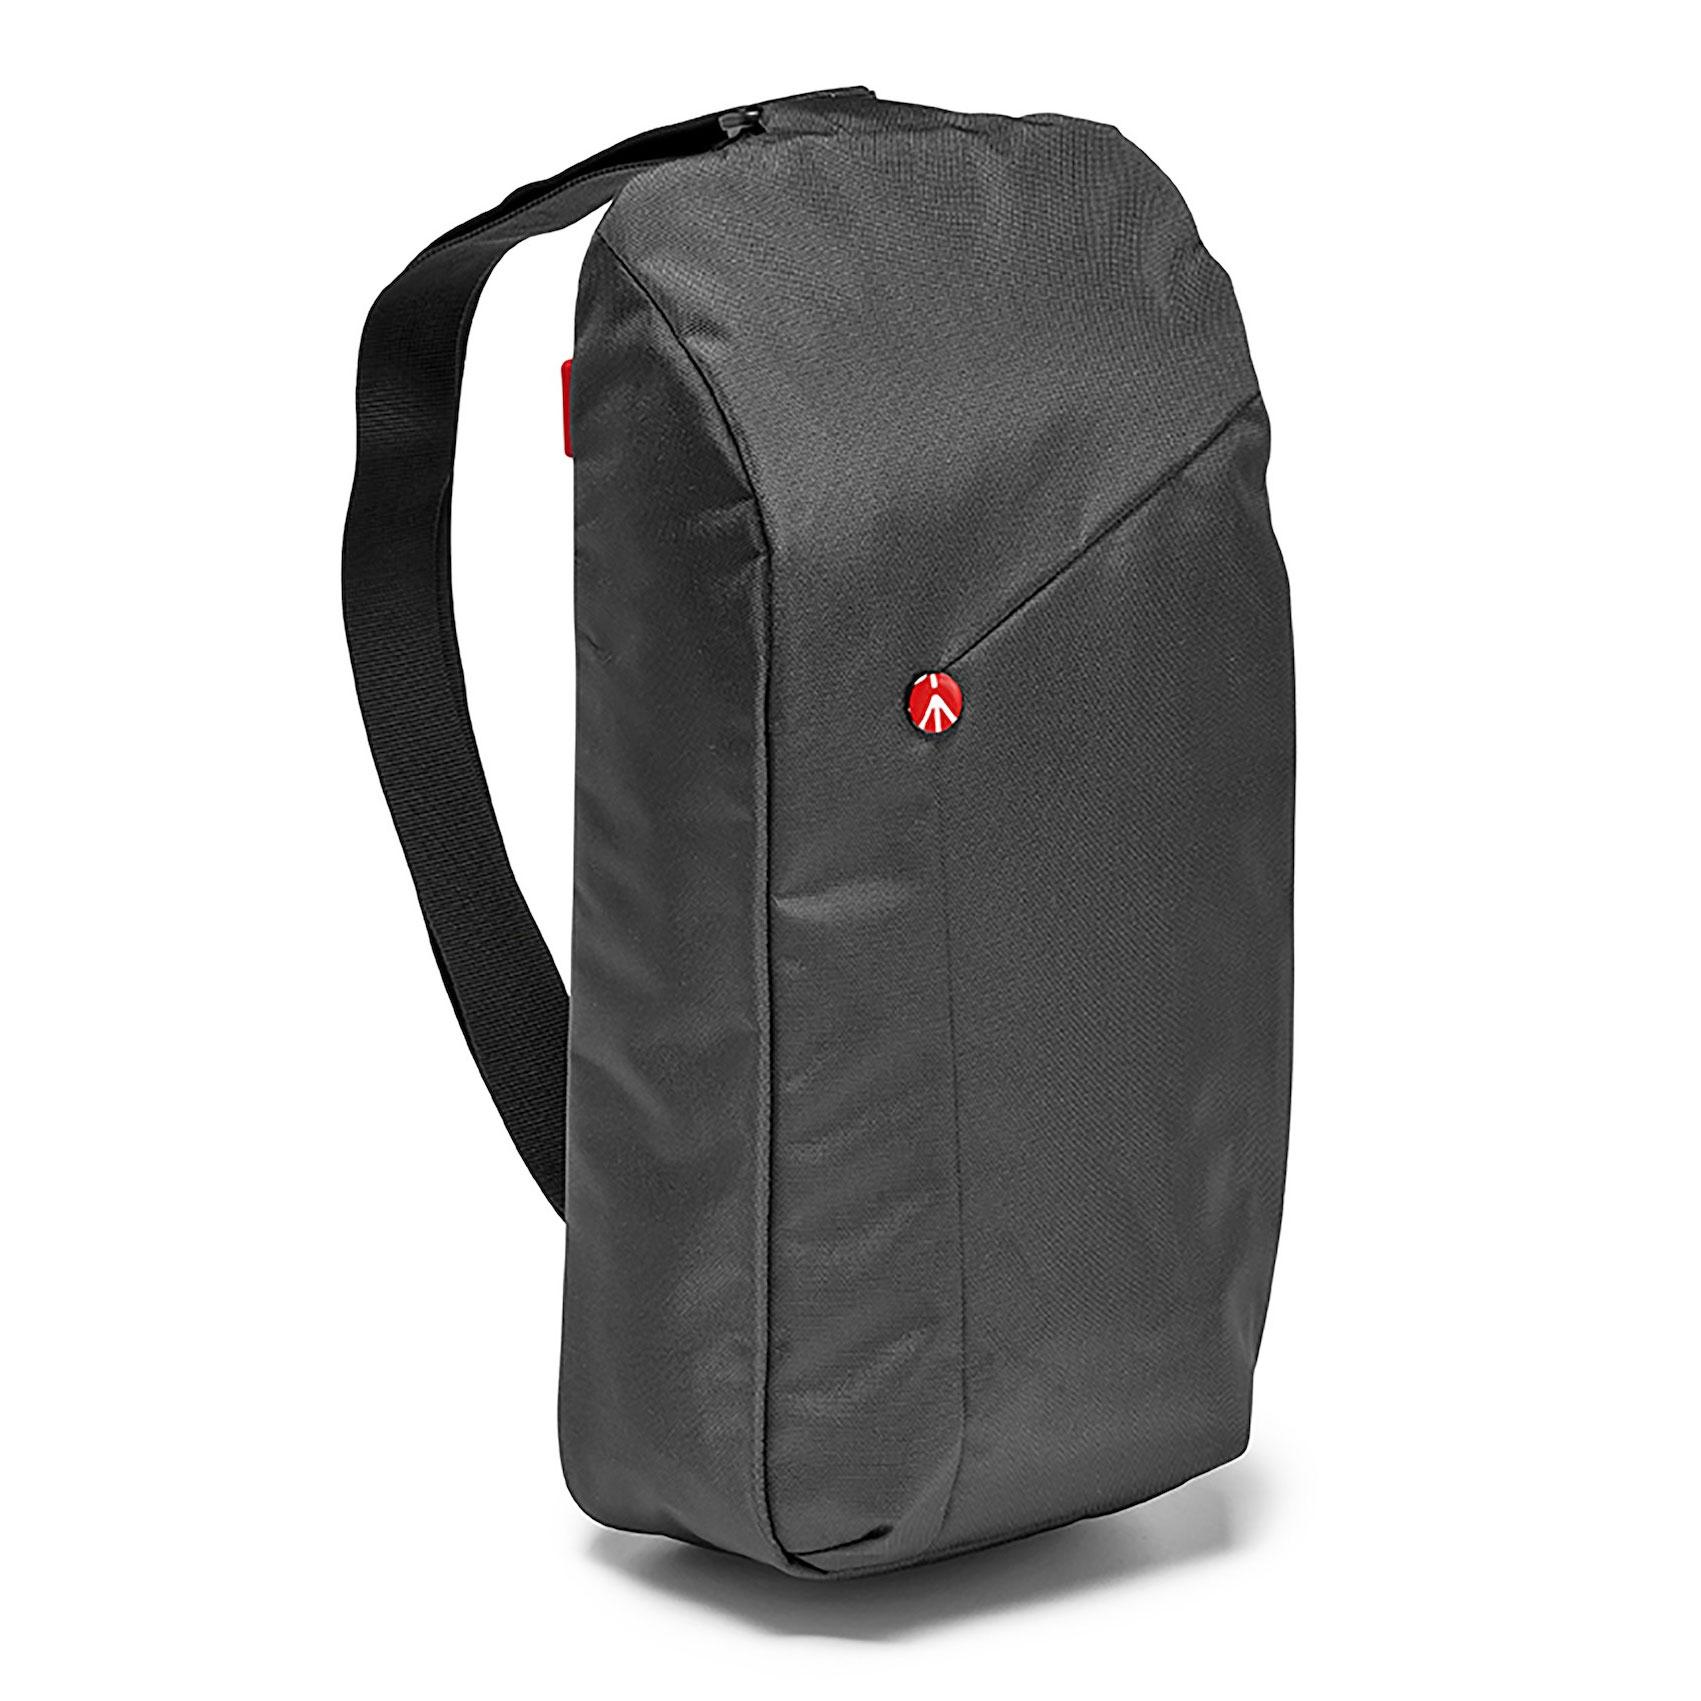 Manfrotto NX Bodypack Sling Bag (Grey) £12 delivered juststudiogear / Ebay